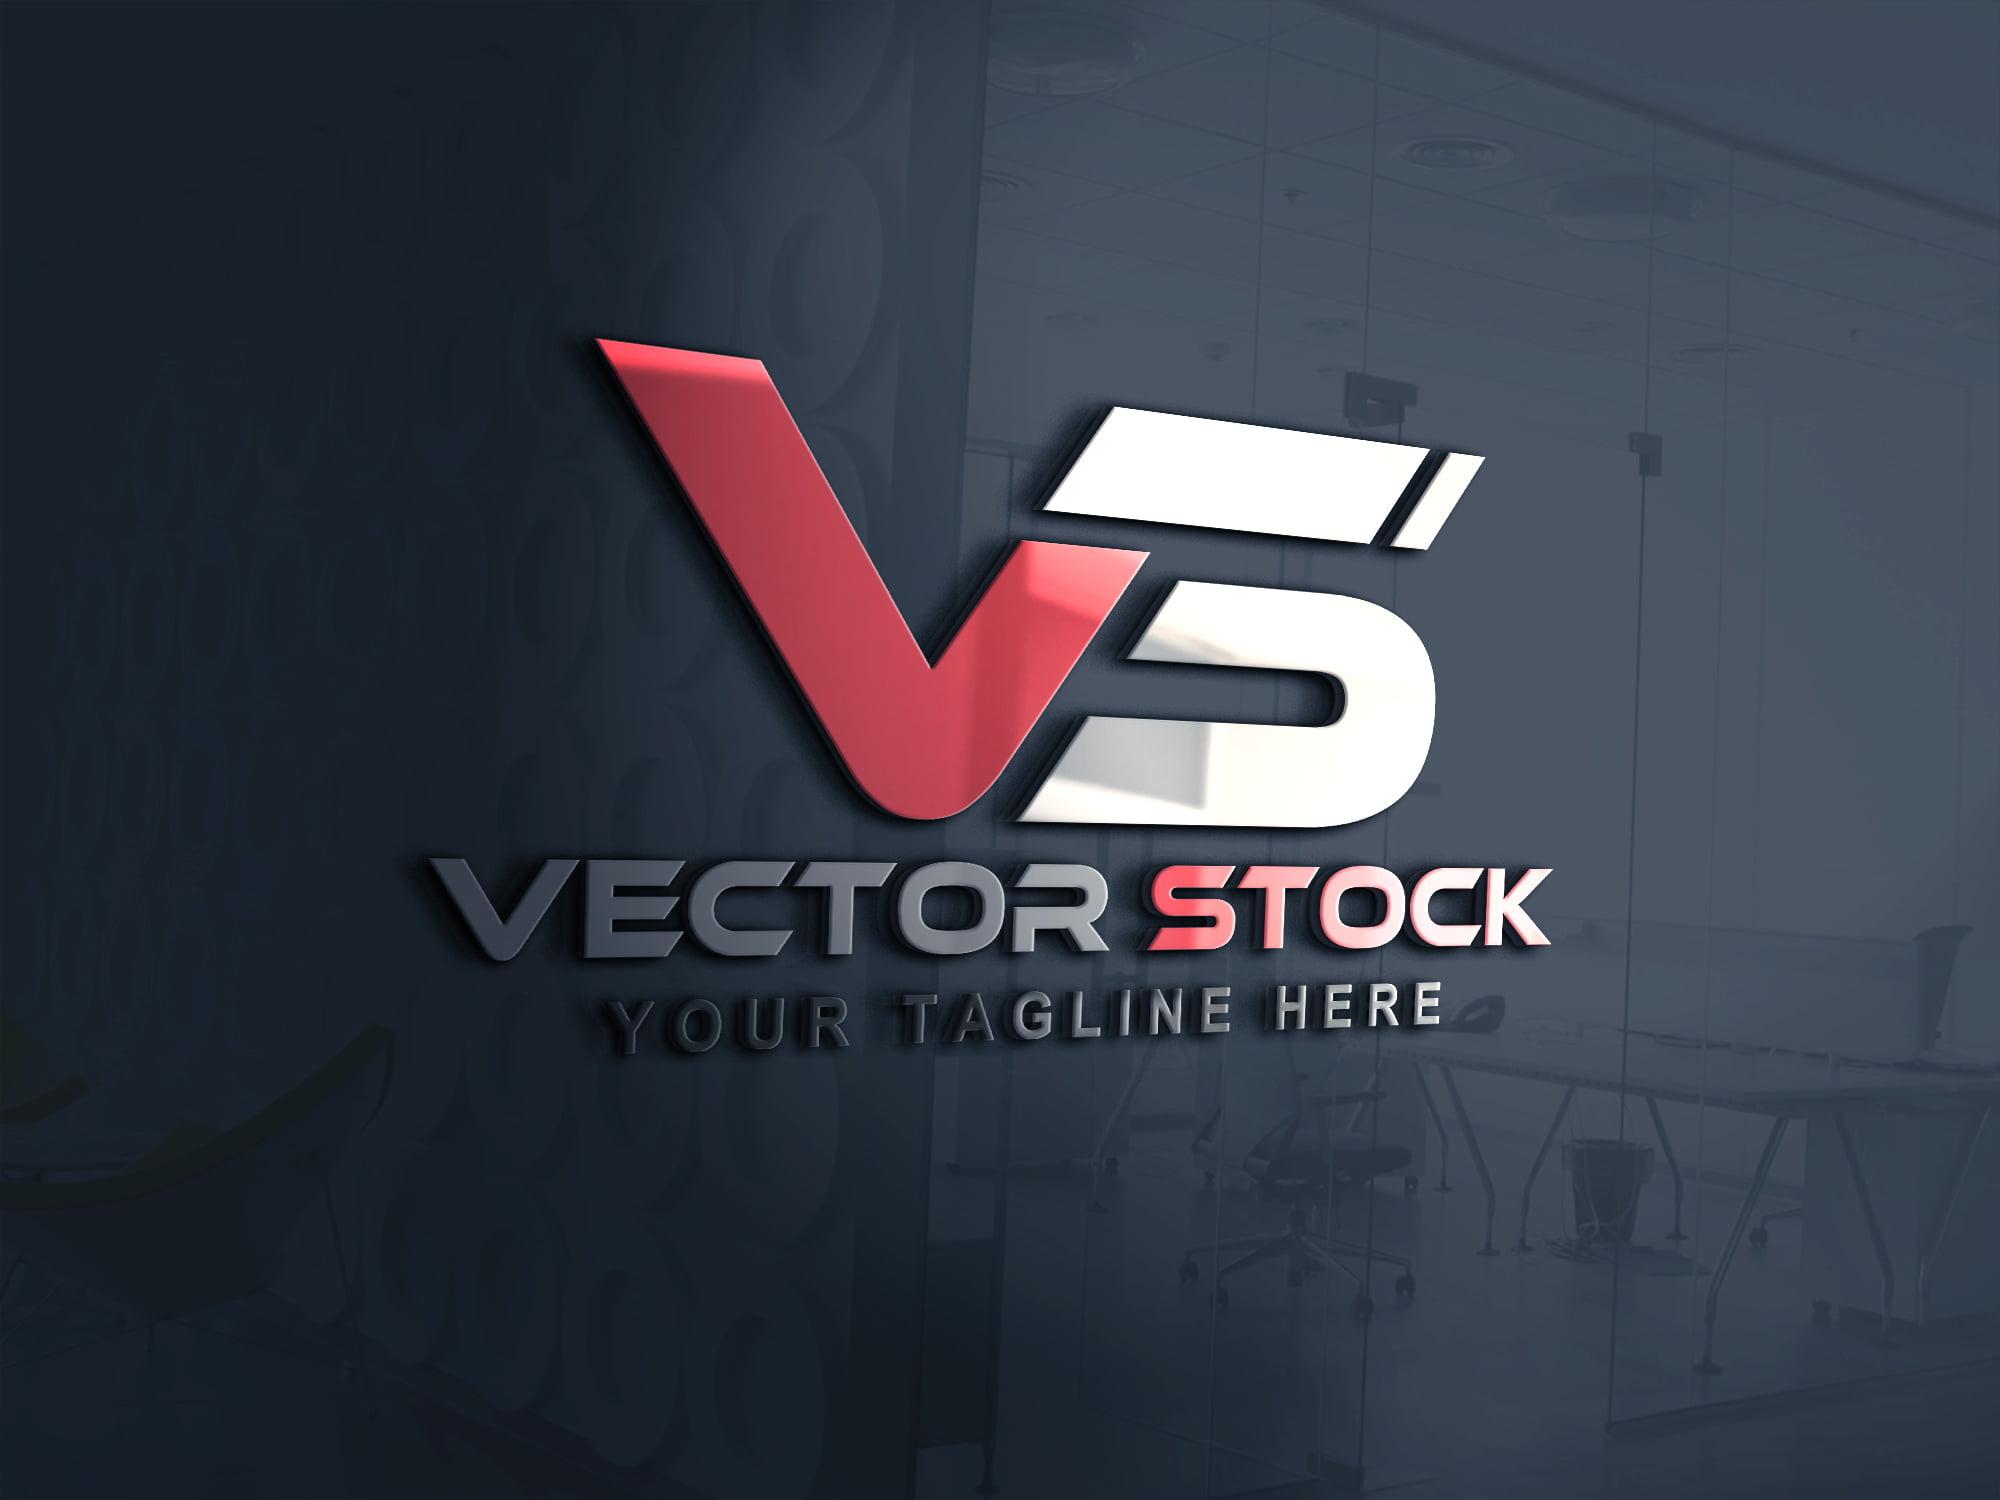 Free Vector Stock Logo Design PSD